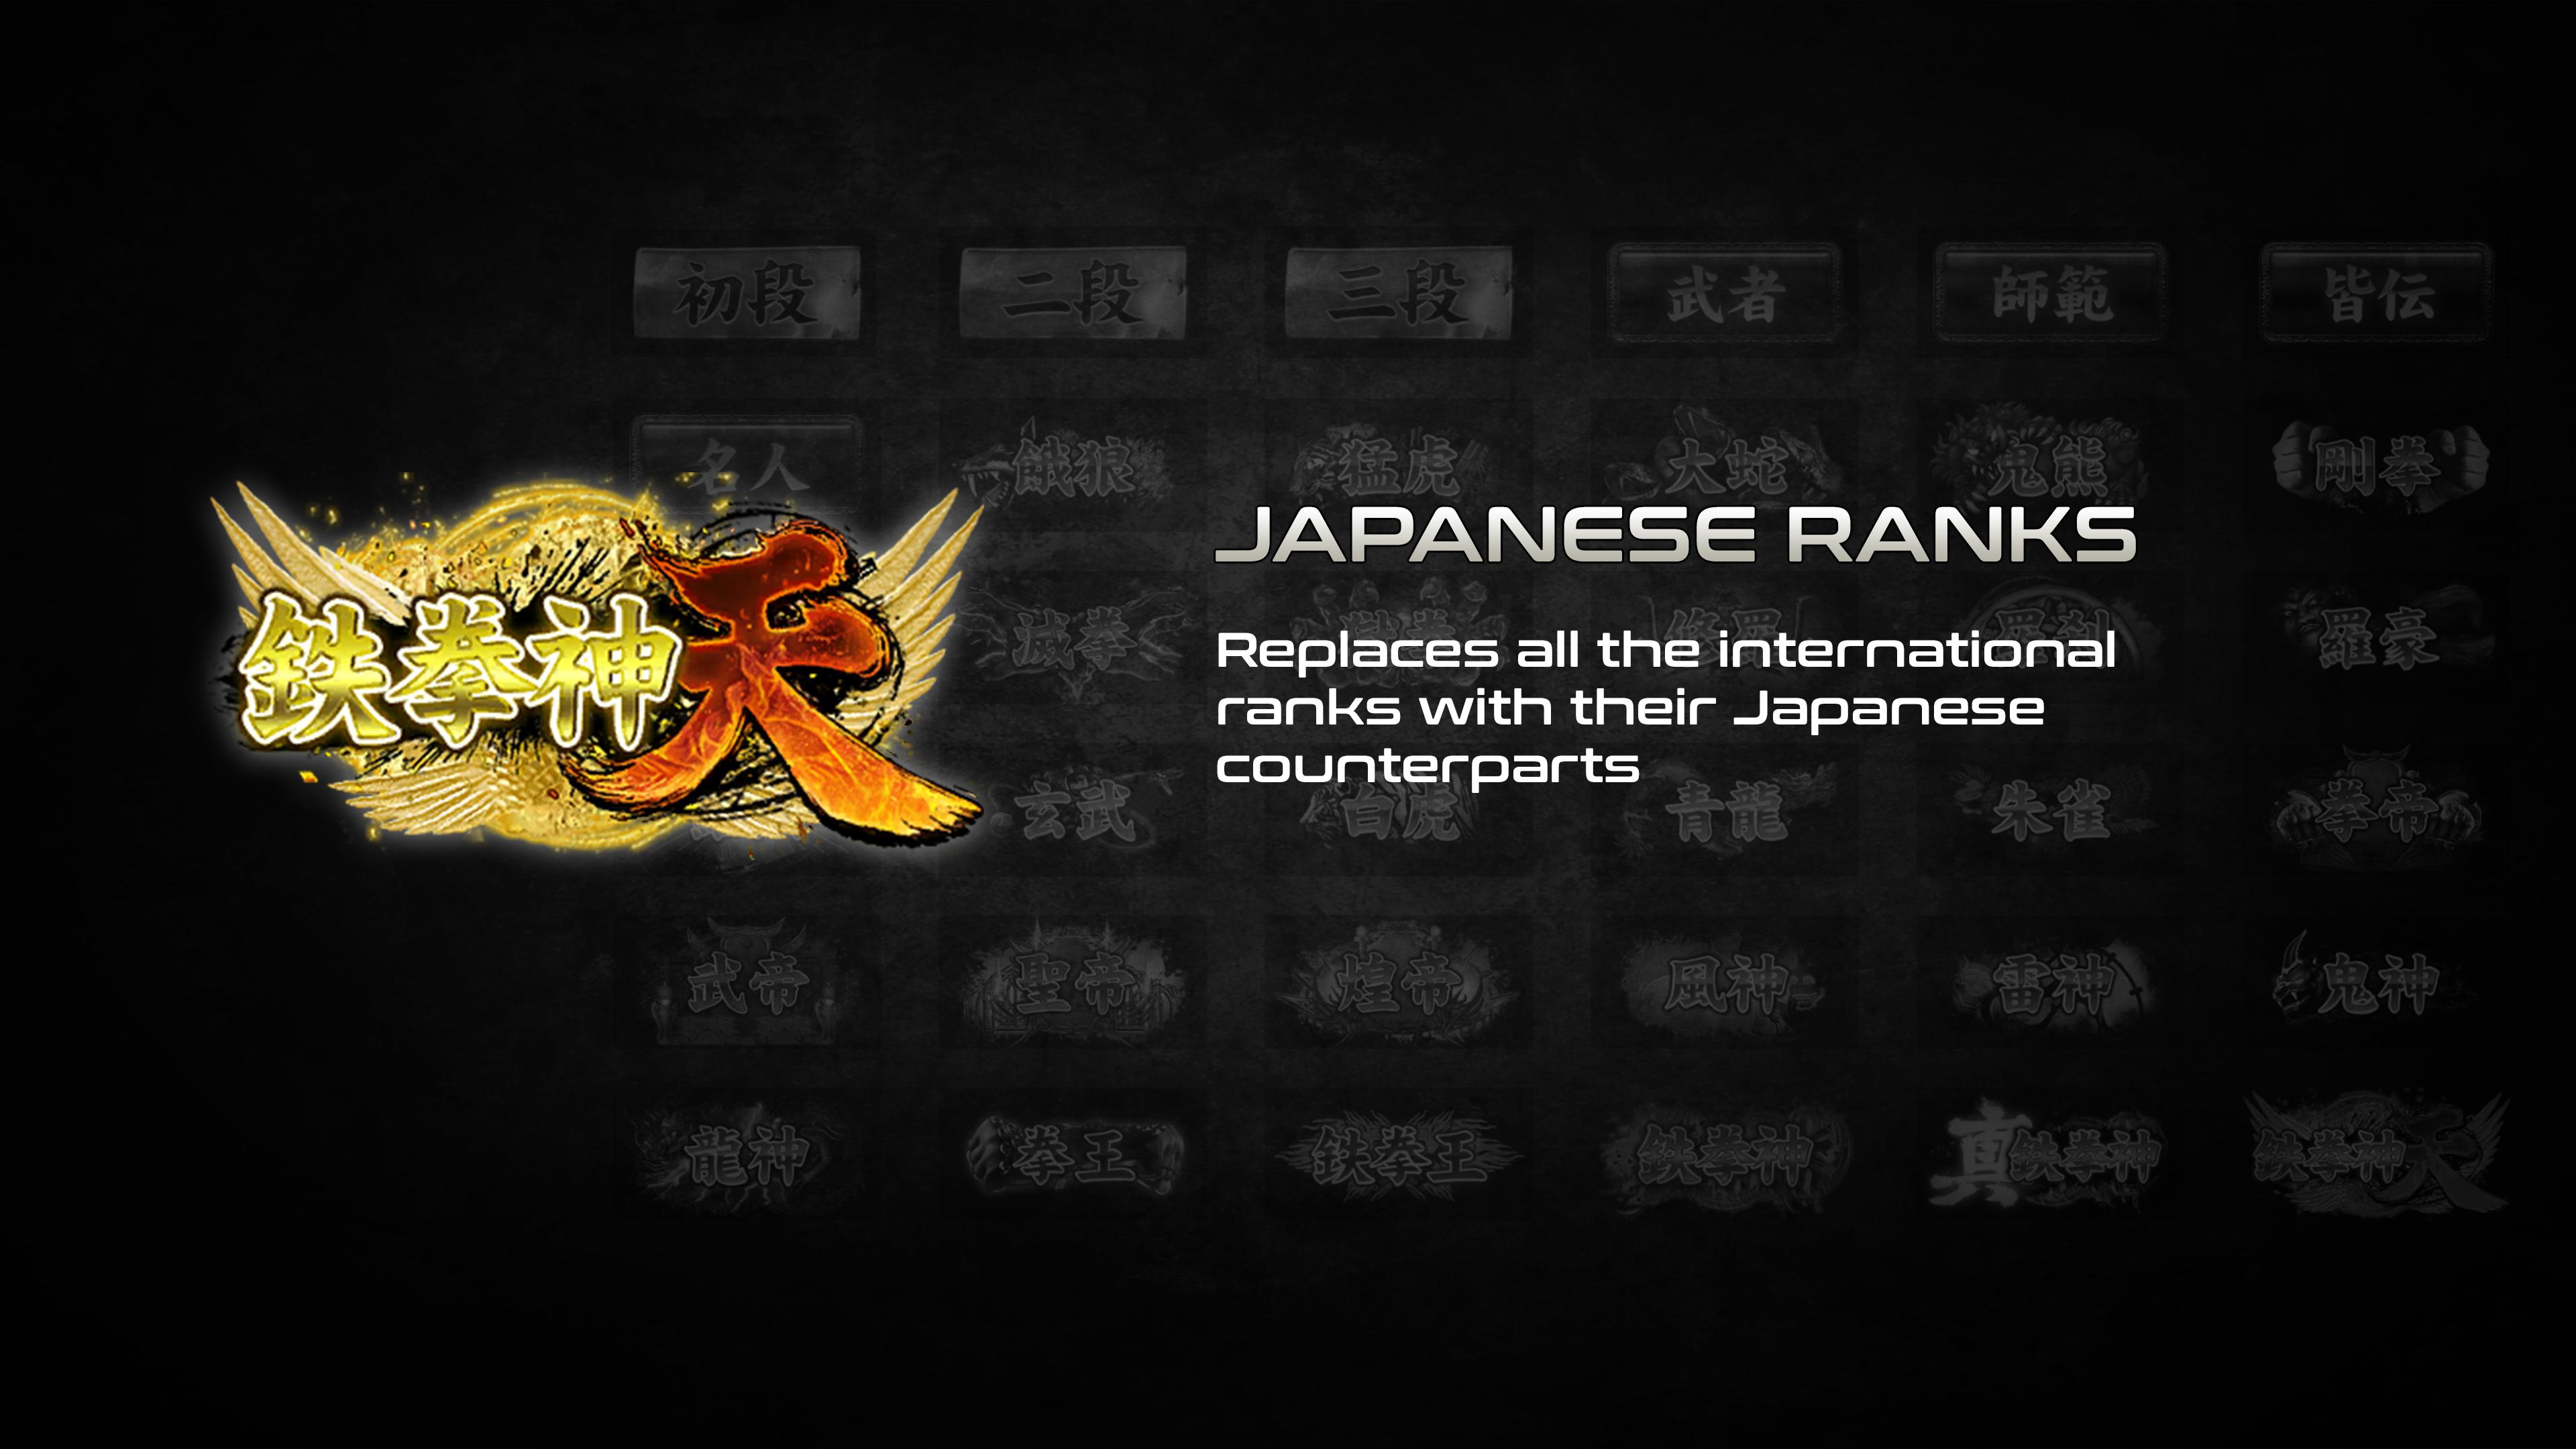 Japanese Ranks